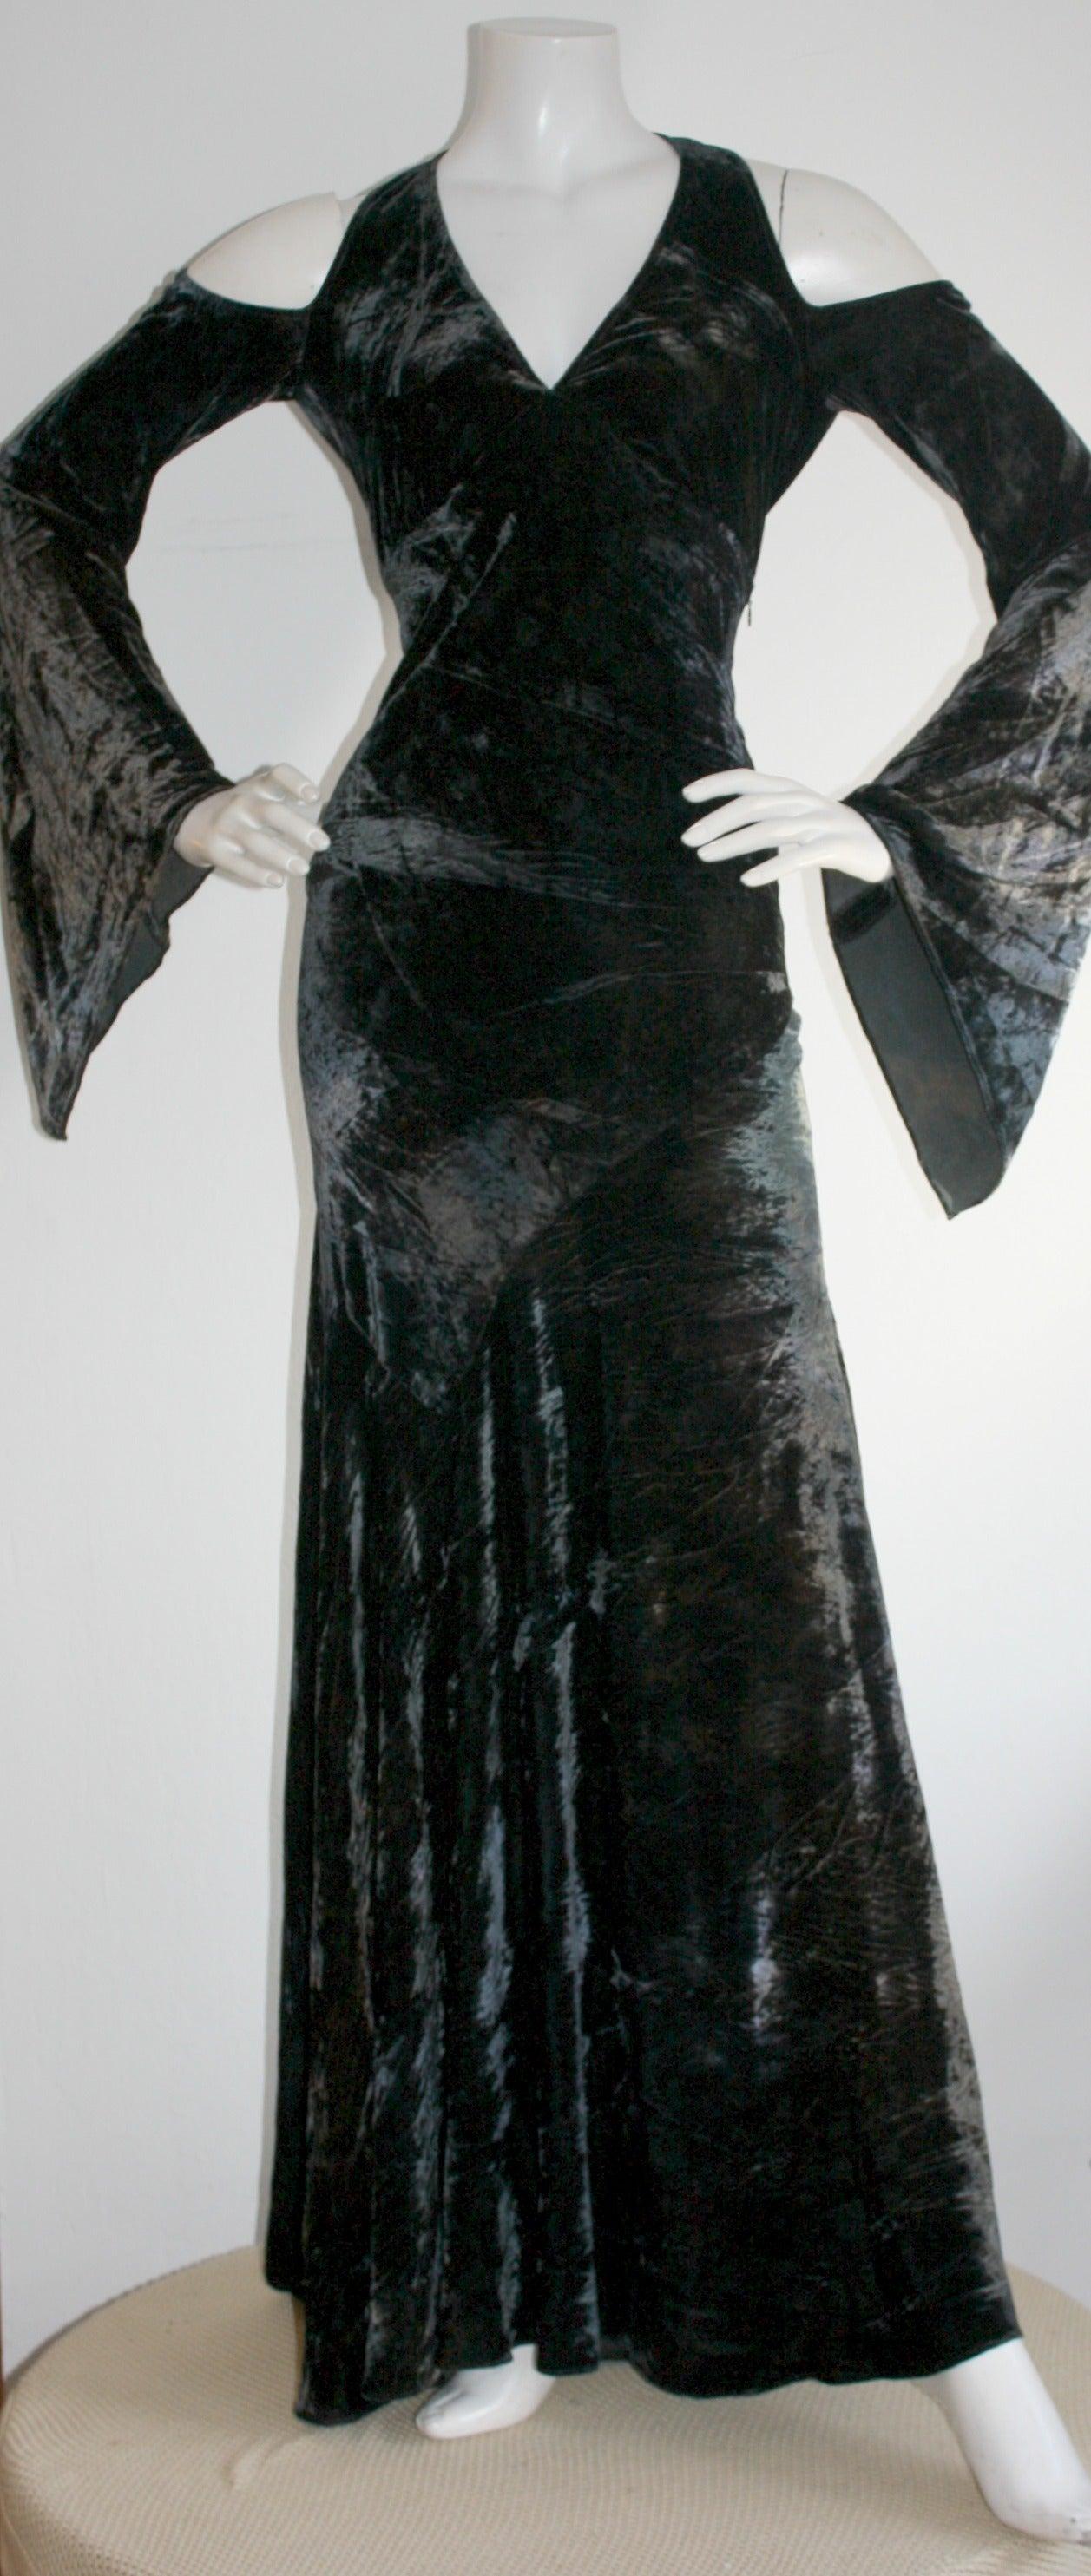 Vintage Donna Karan Ombré Crushed Velvet Blue & Green Open Back Runway Gown 2